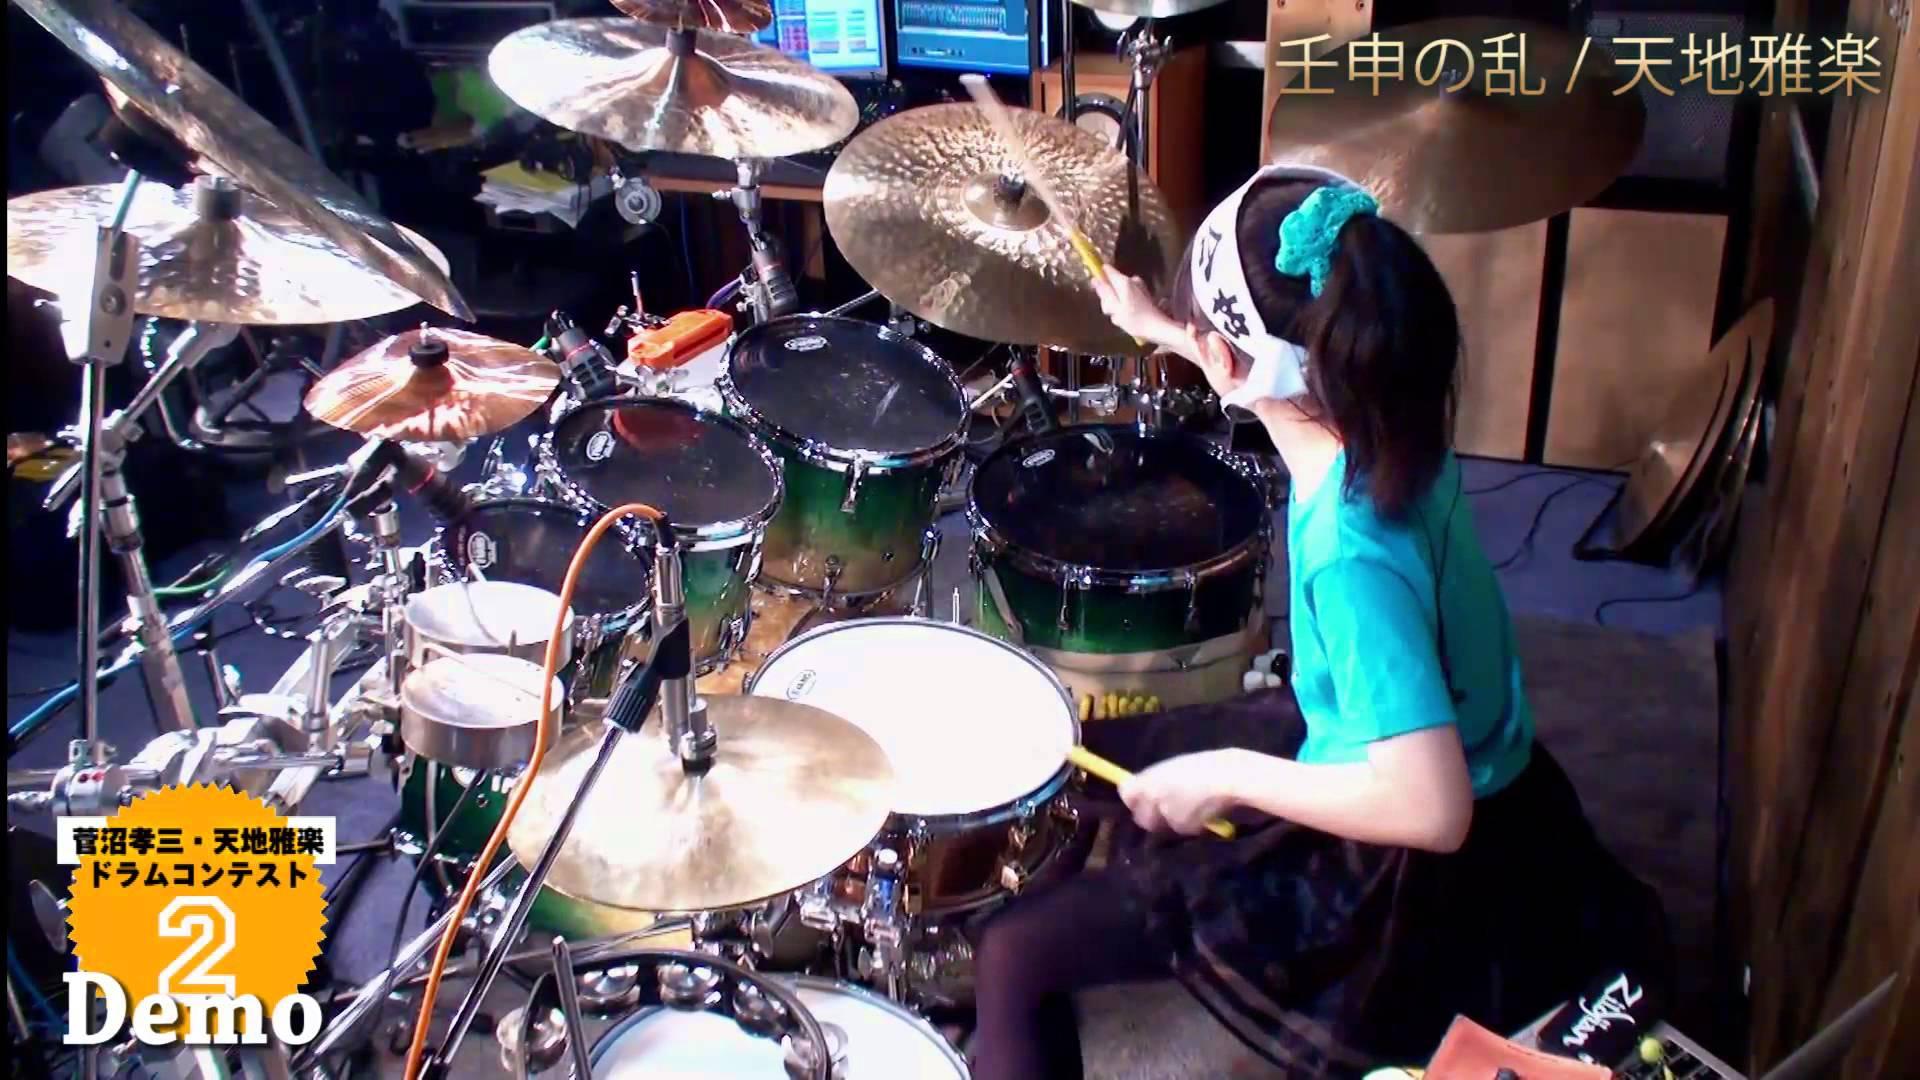 パワフルな演奏を魅せる日本の女子高生ドラマー